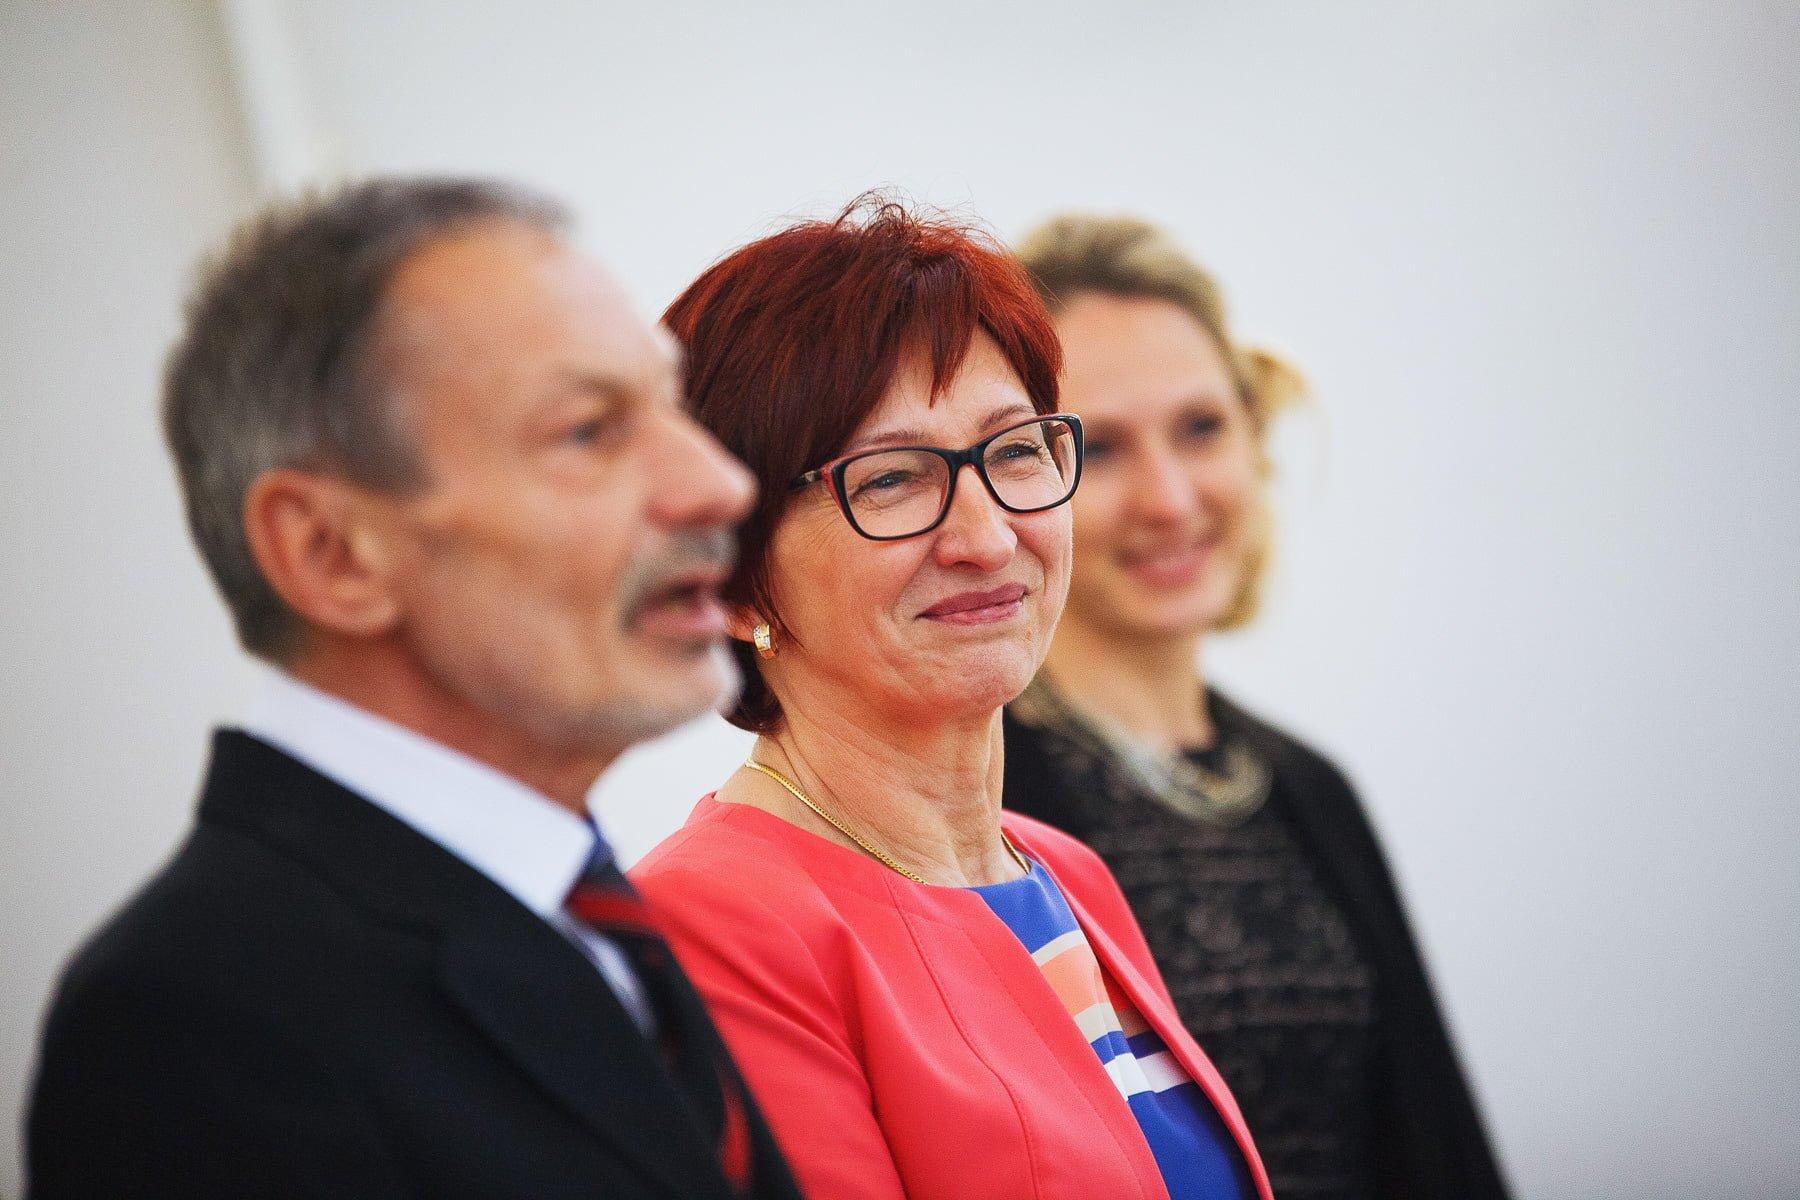 fotograf slub bielsko biala ania maciej 70 - Ślub w Bielsku-Białej - ANIA & MACIEJ